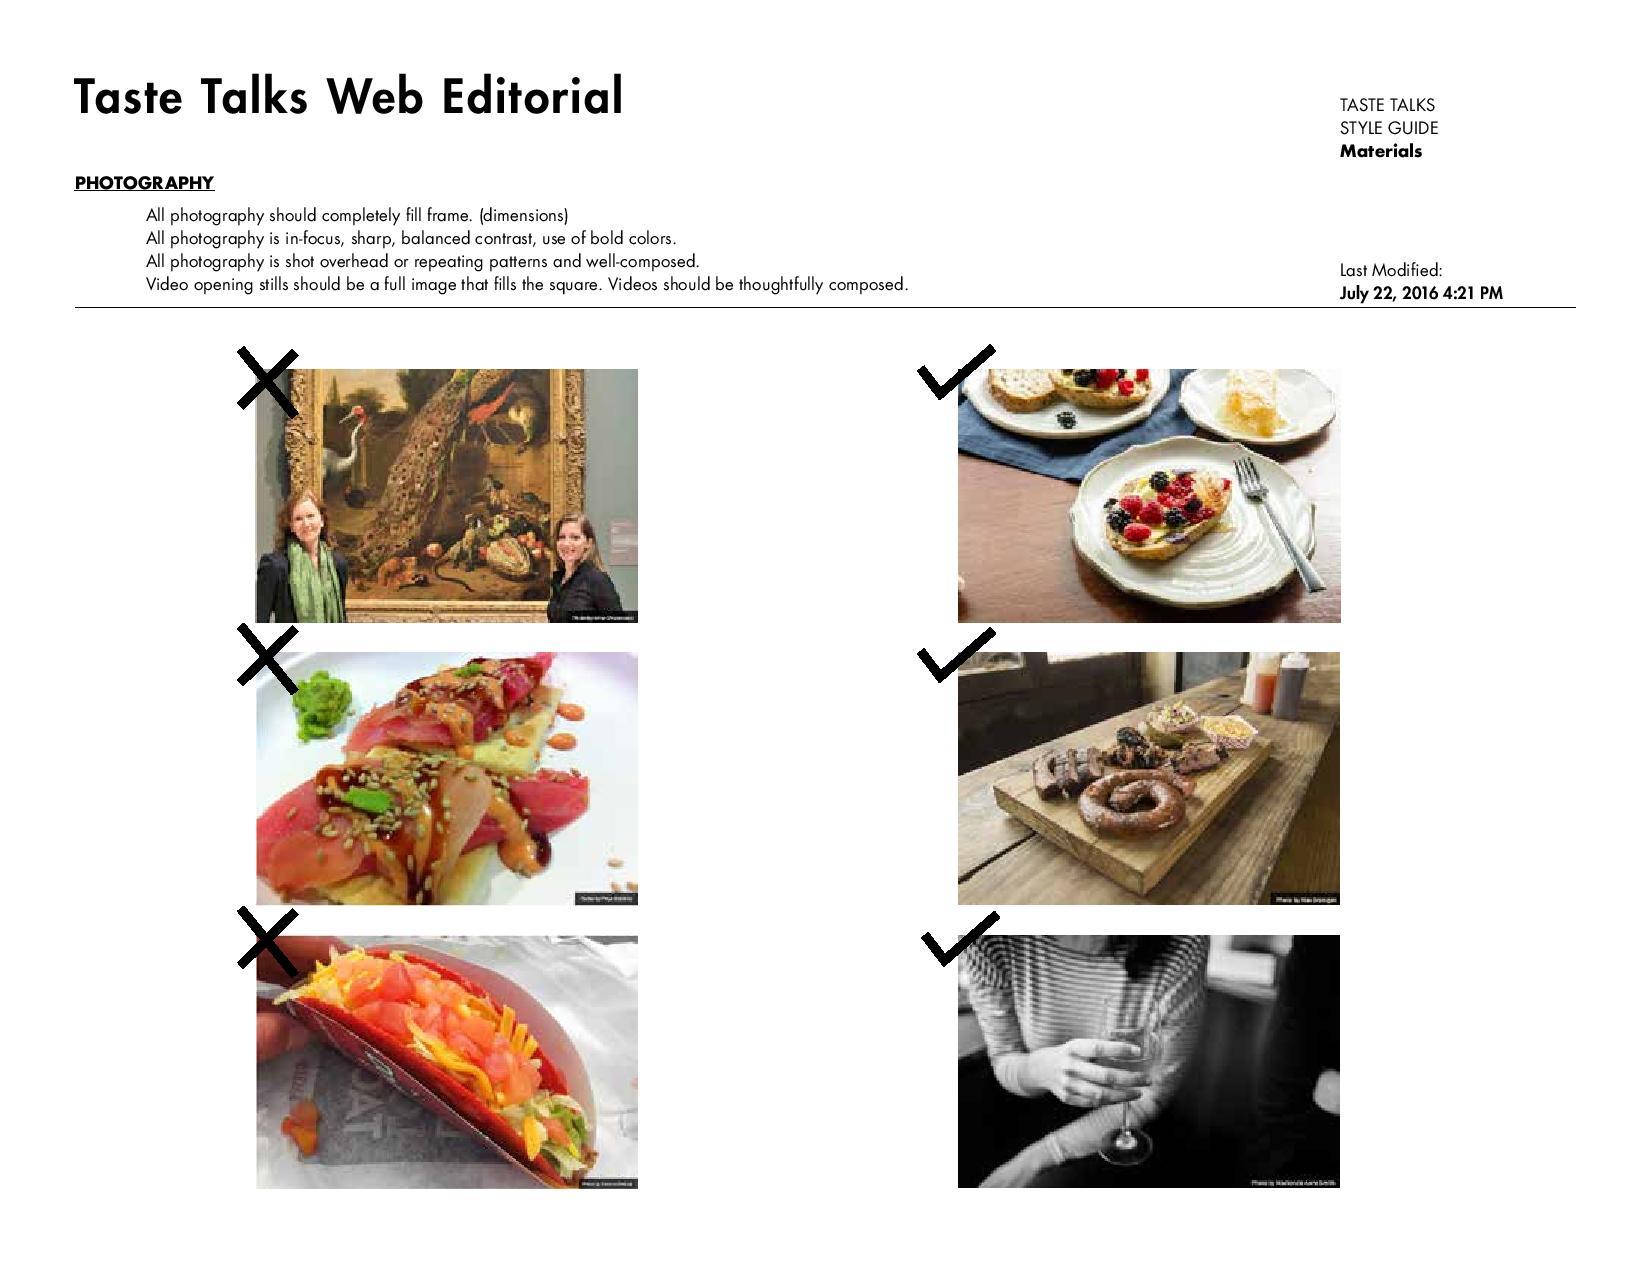 TT16_StyleGuide_final-page-007.jpg